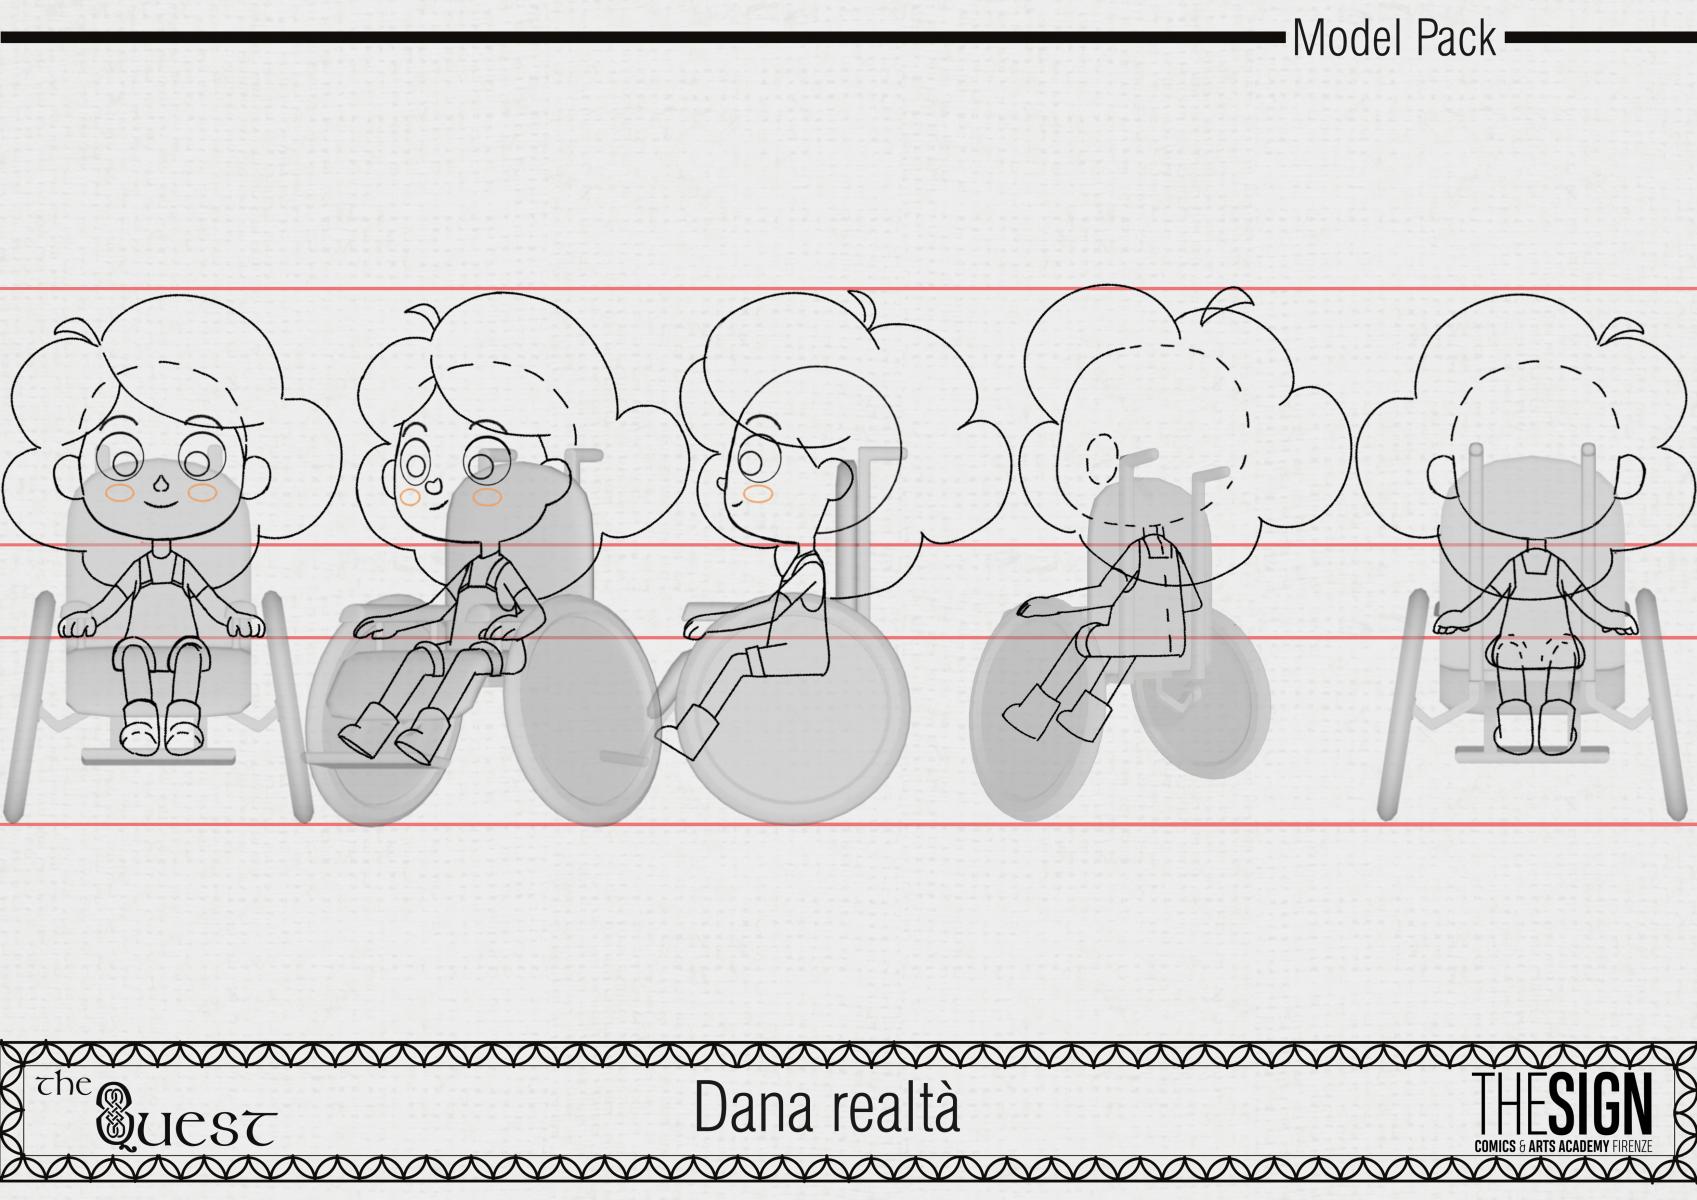 Dana-Realta-Model